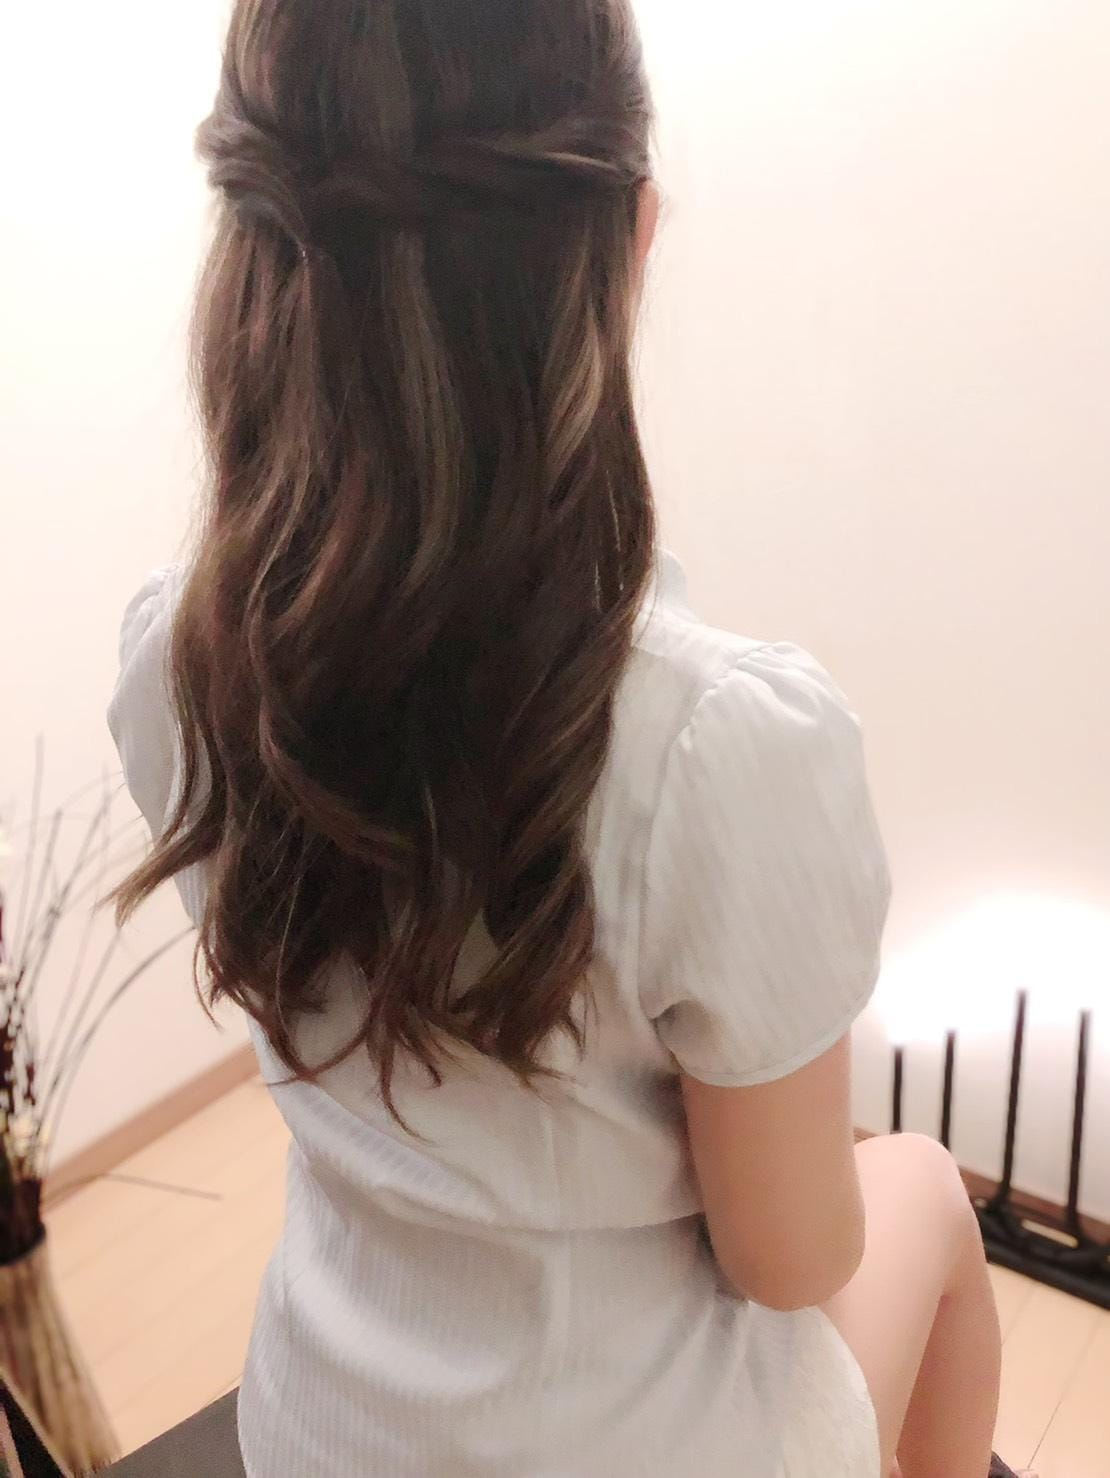 「朝比奈です♡」04/14(04/14) 14:10   朝比奈(あさひな)の写メ・風俗動画